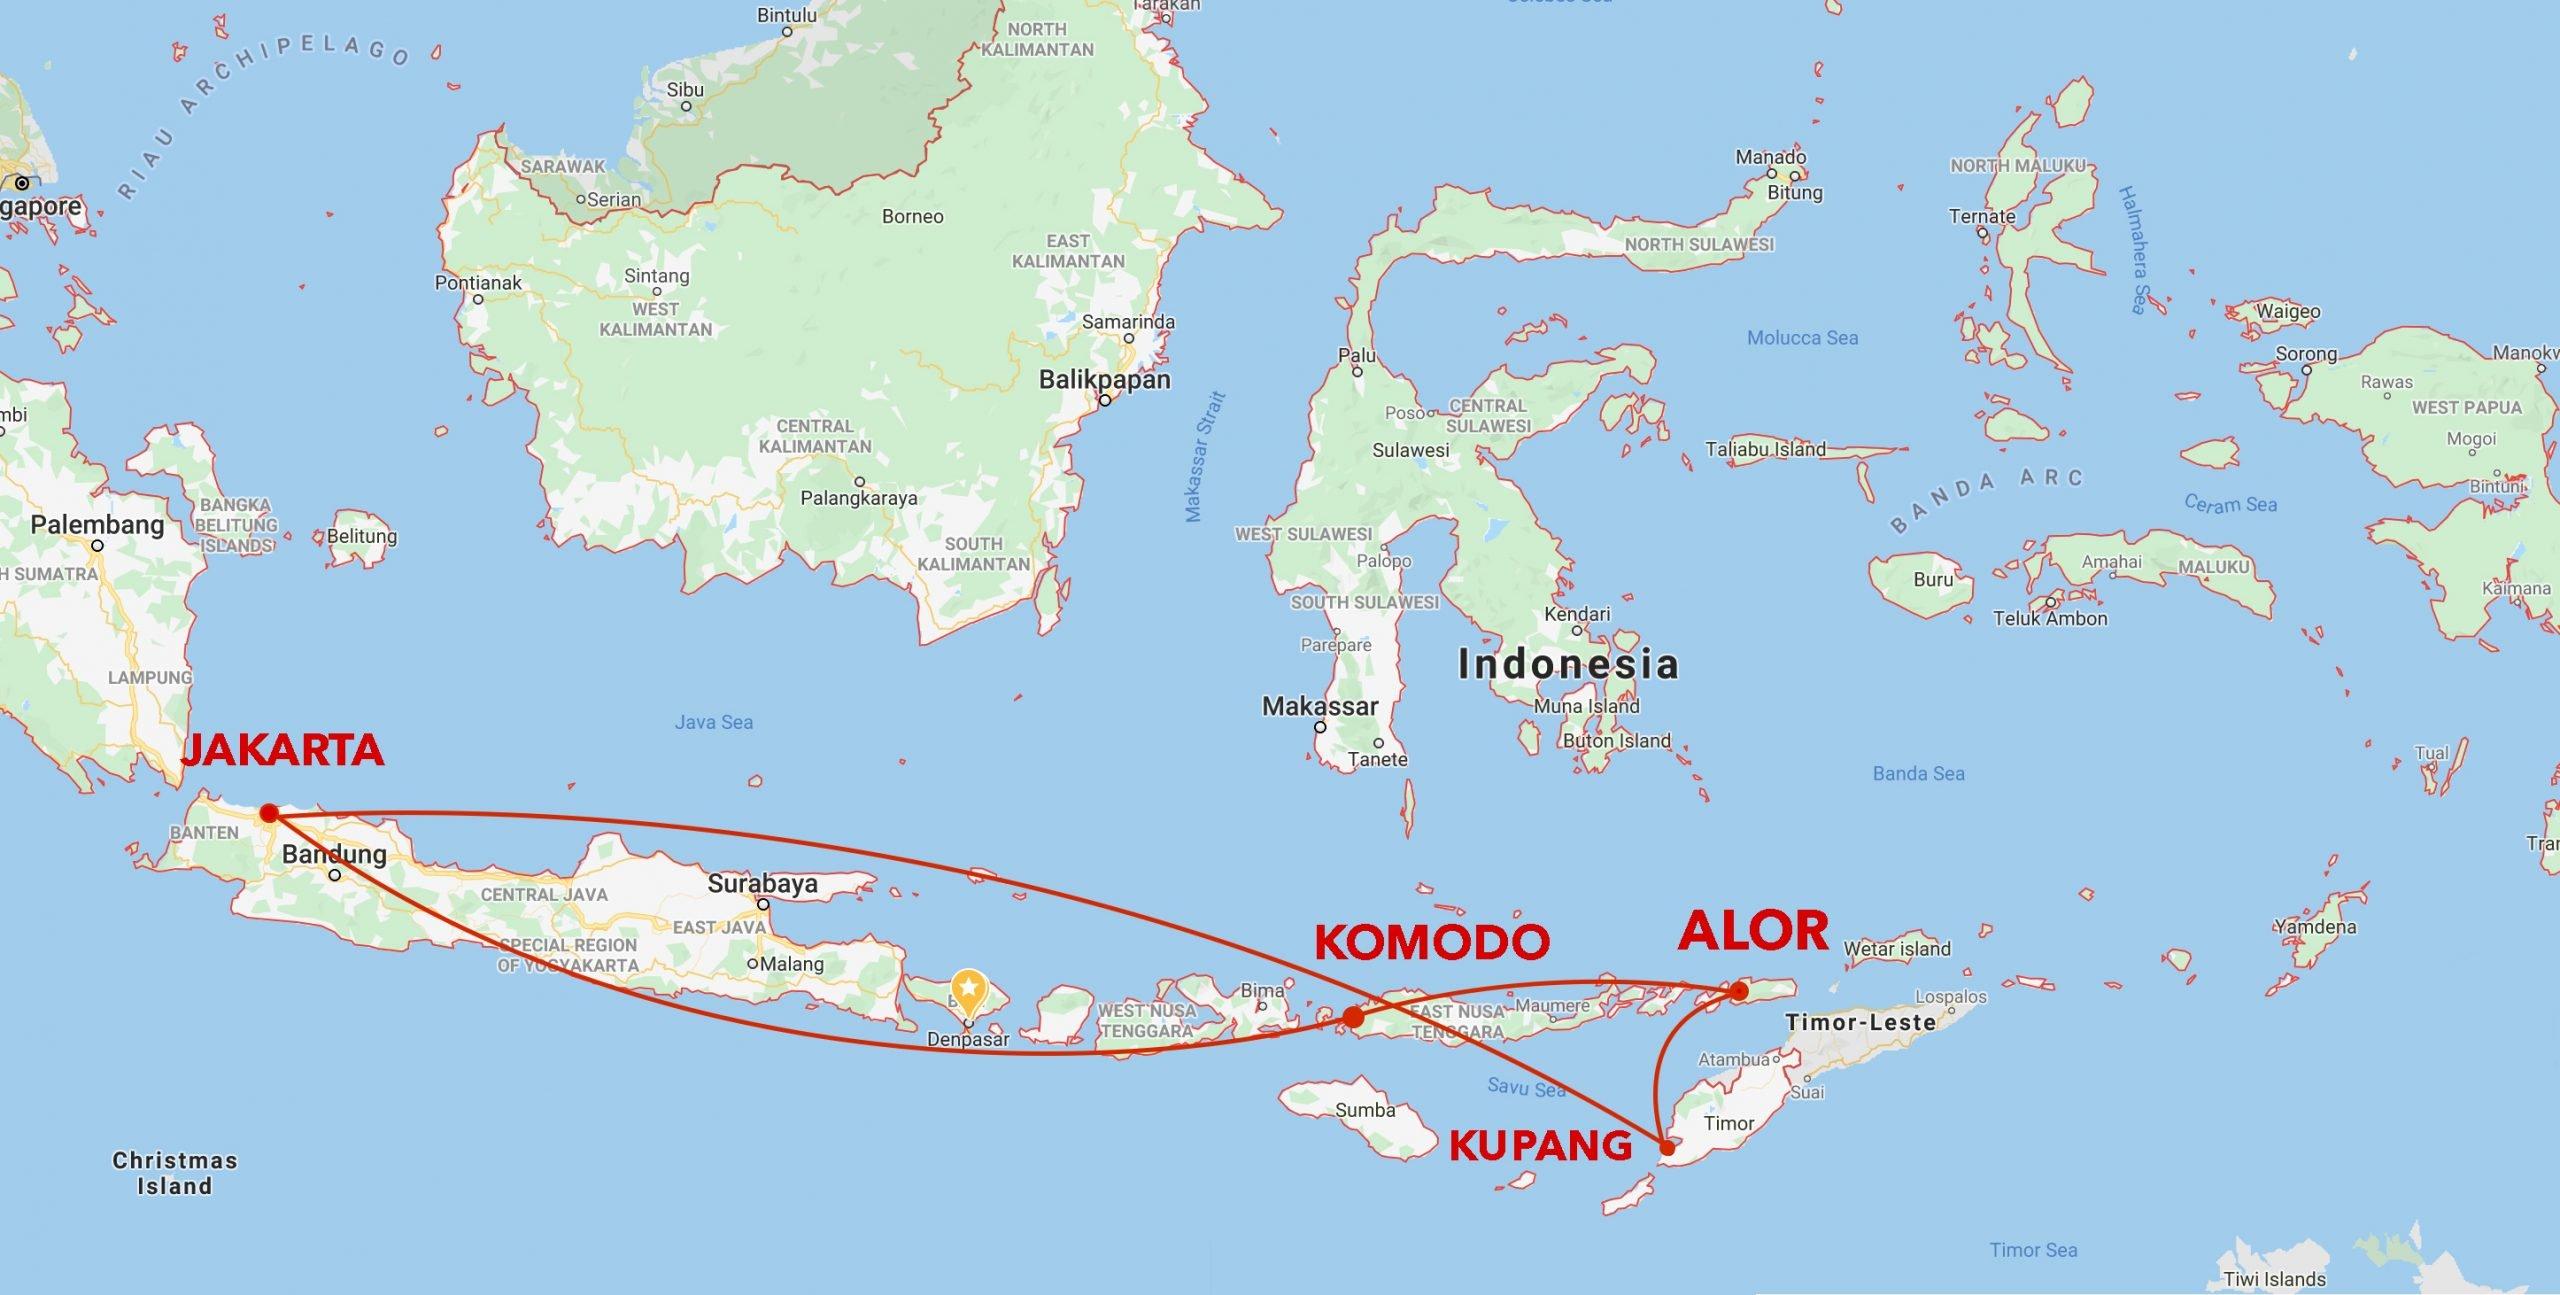 Alor-Komodo Itinerary